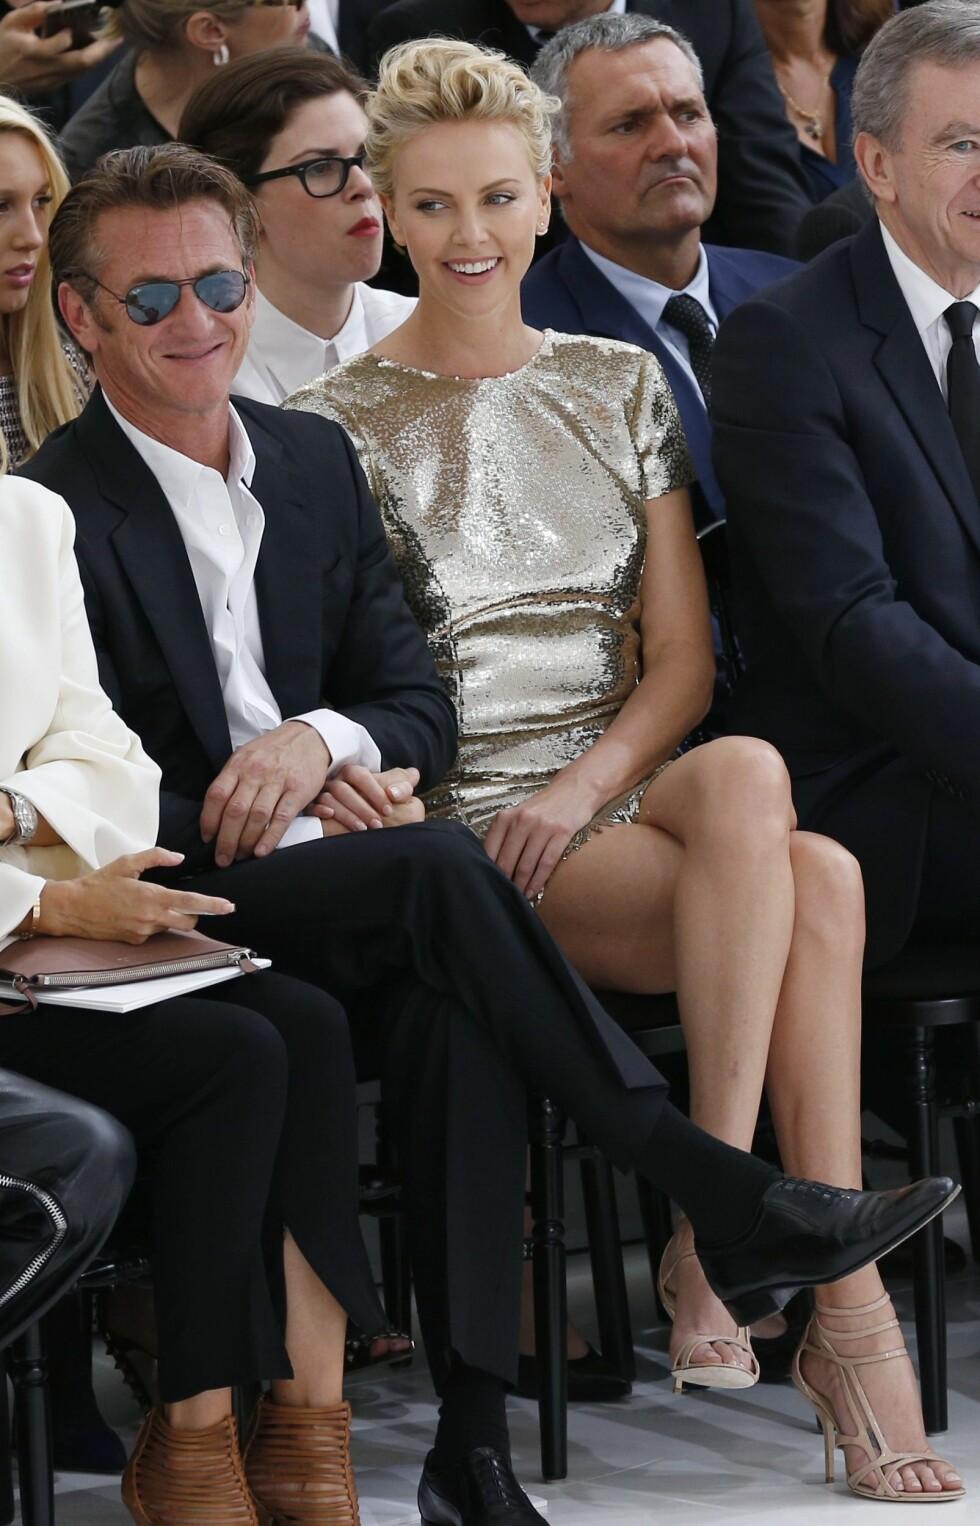 NYFORELSKET: På Christian Dior-visningen i Paris i juli 2014 var stemningen en helt annen mellom Sean Penn og Charlize Theron. Foto: Afp